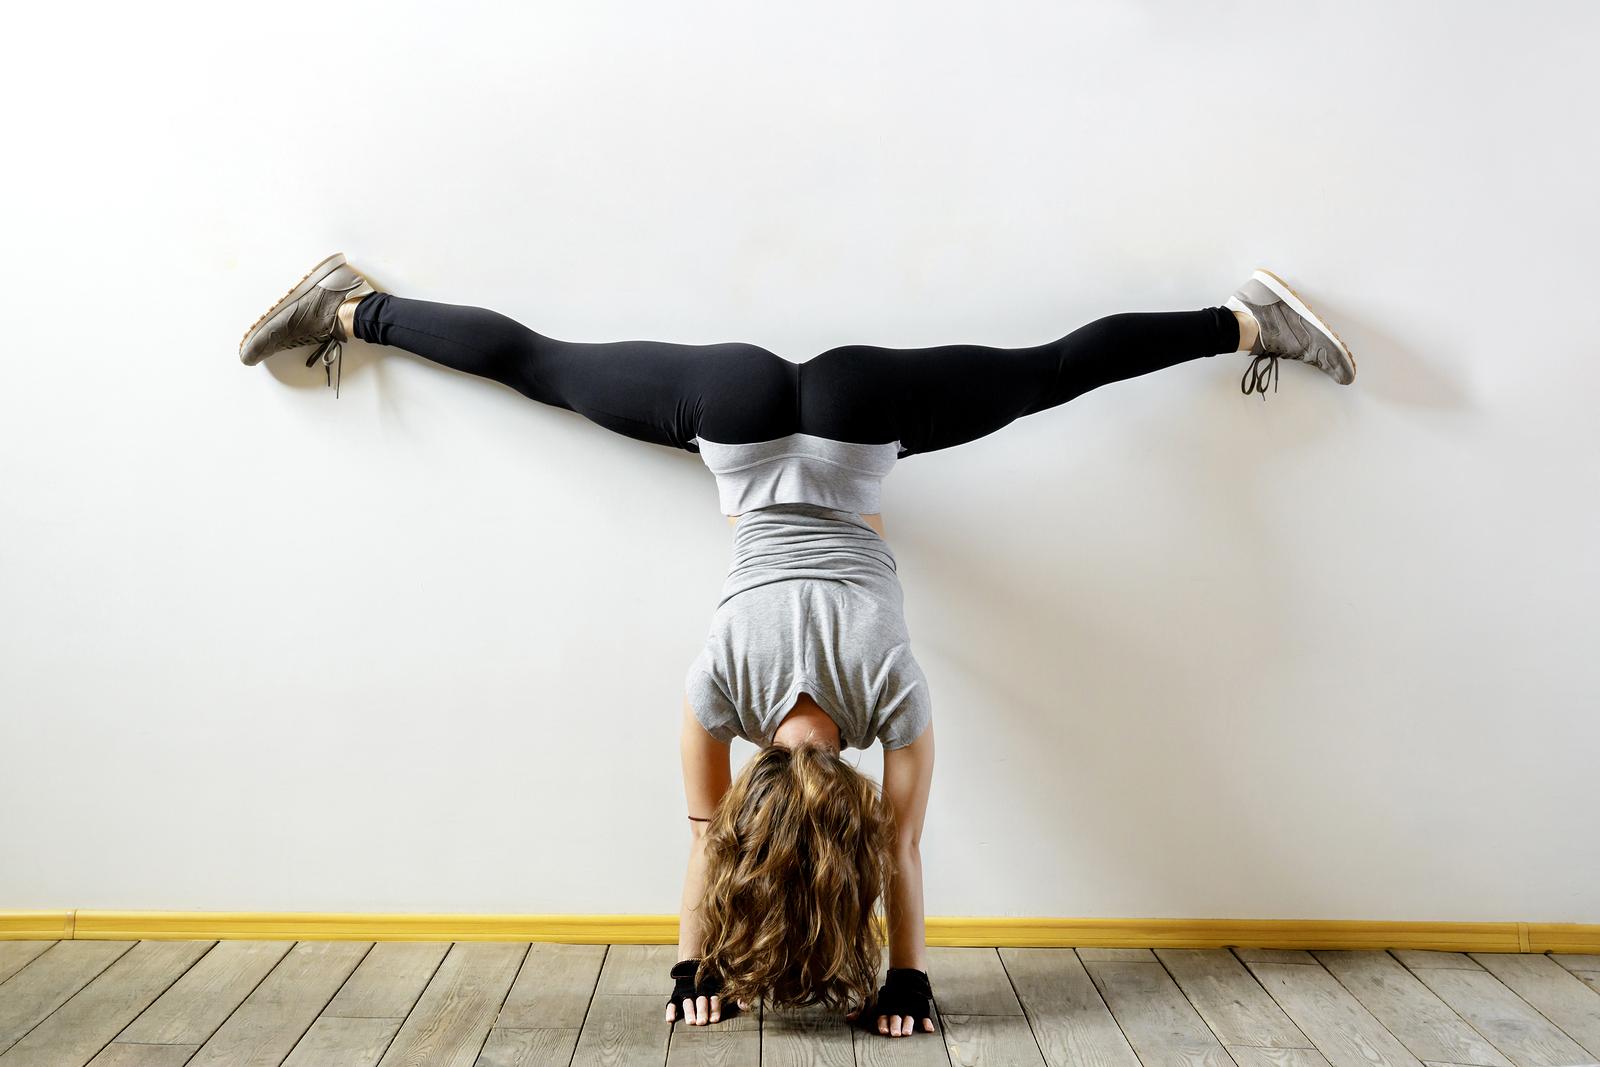 szpagat jak nauczyć się szpagatu ćwiczenia rozciągajace